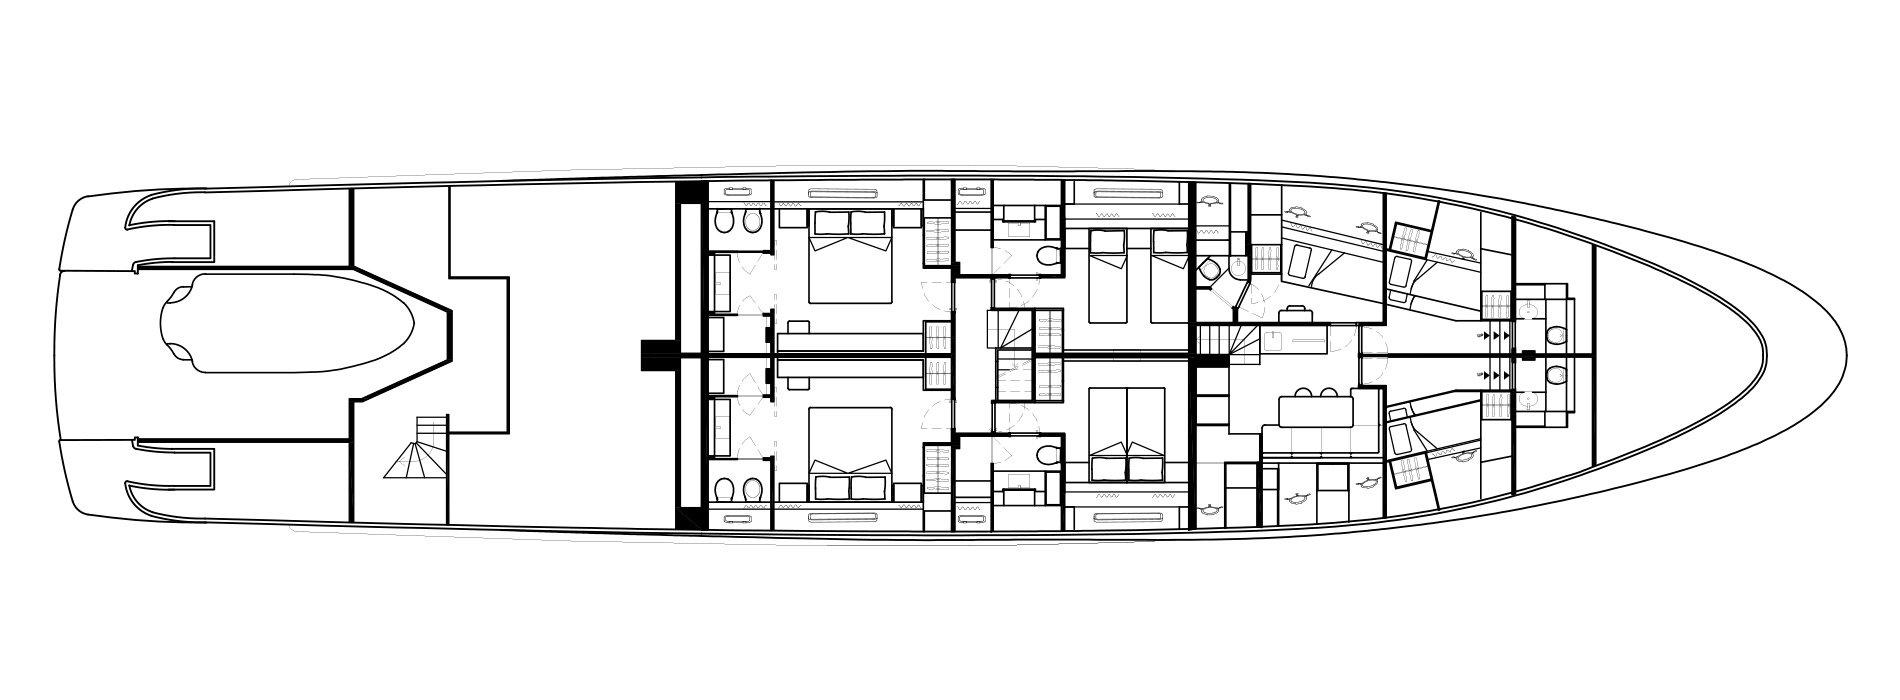 Sanlorenzo Yachts SD126 Unterdeck Versione A bis